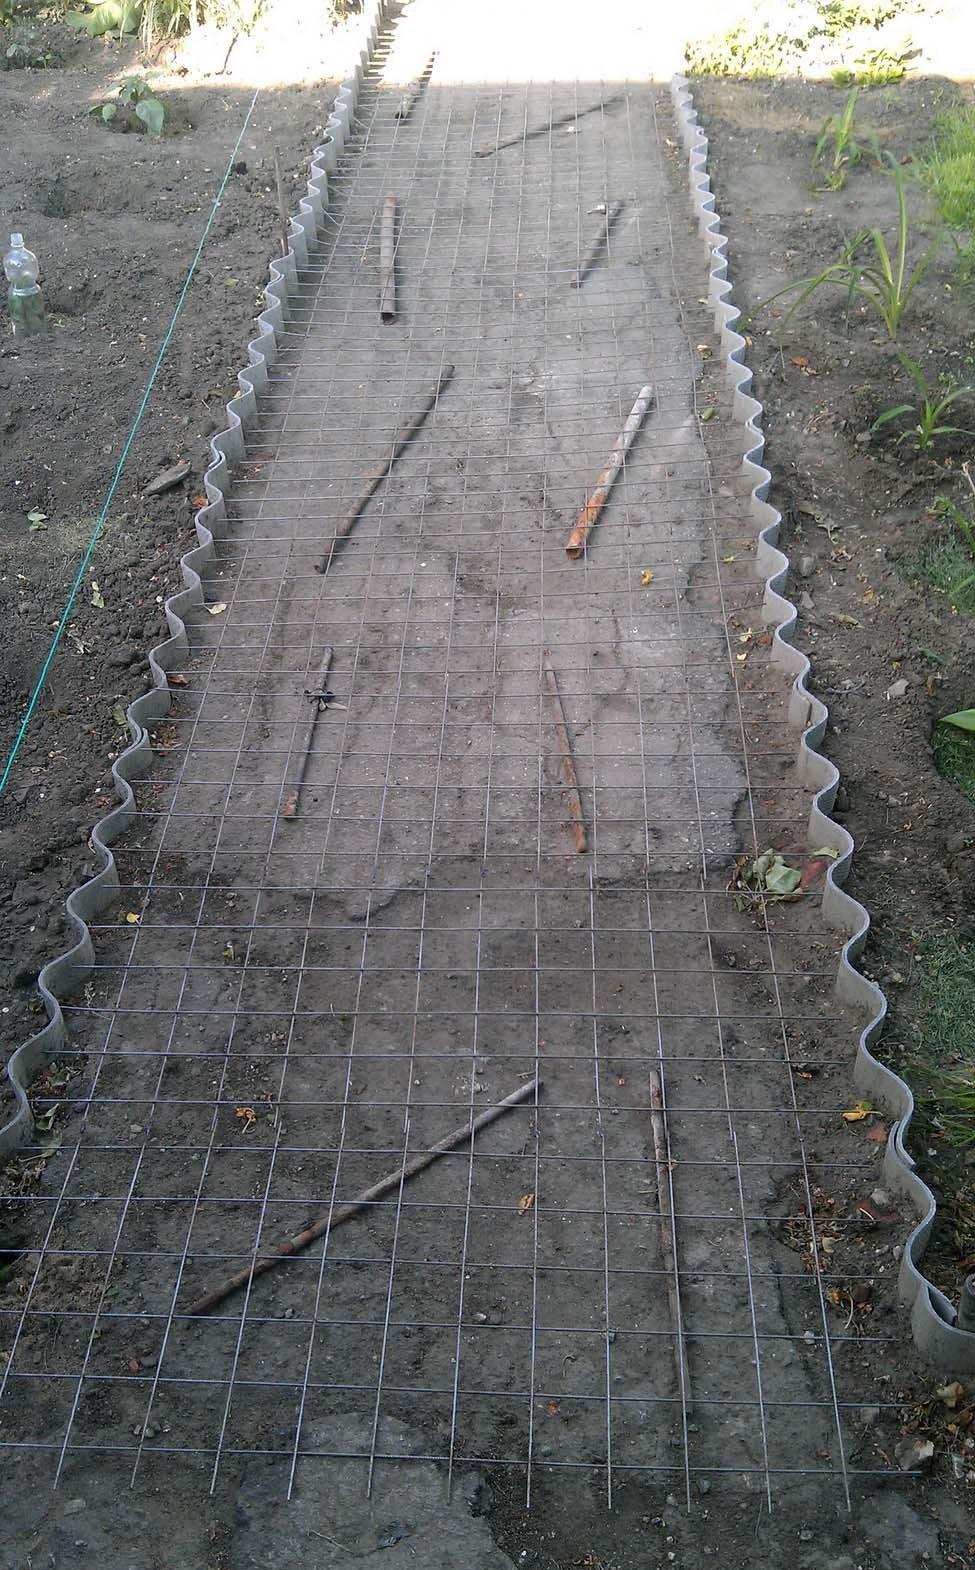 Монолитные системы обязательно армируются, чтобы предотвратить появление трещин и сделать конструкцию более прочной